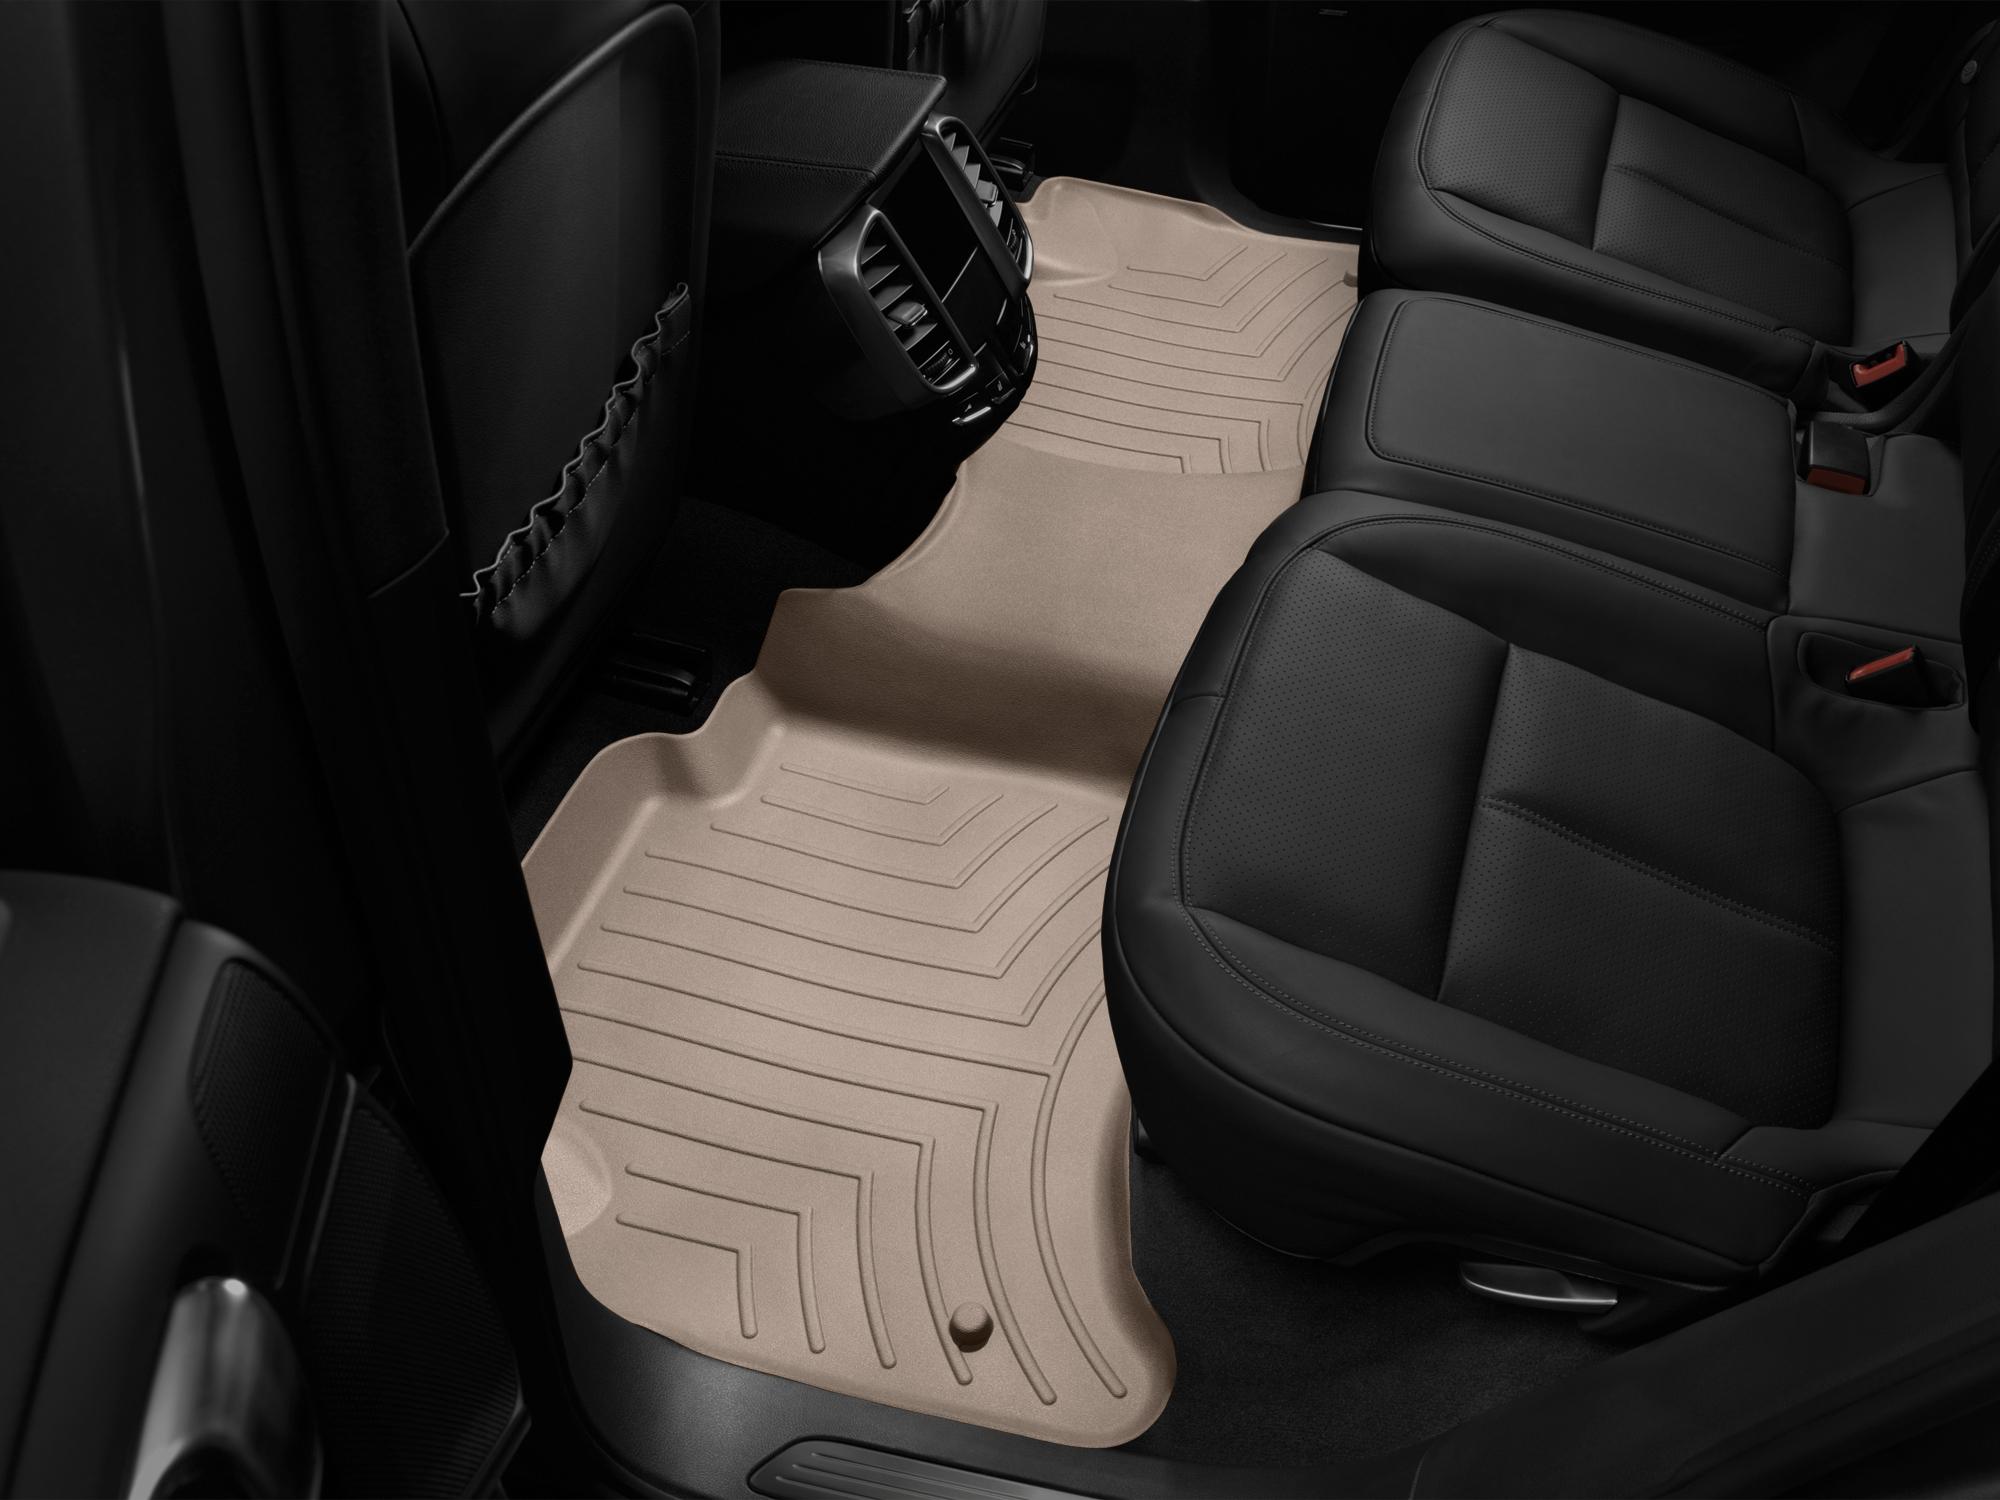 Tappeti gomma su misura bordo alto Volkswagen Touareg 11>17 Marrone A4333*